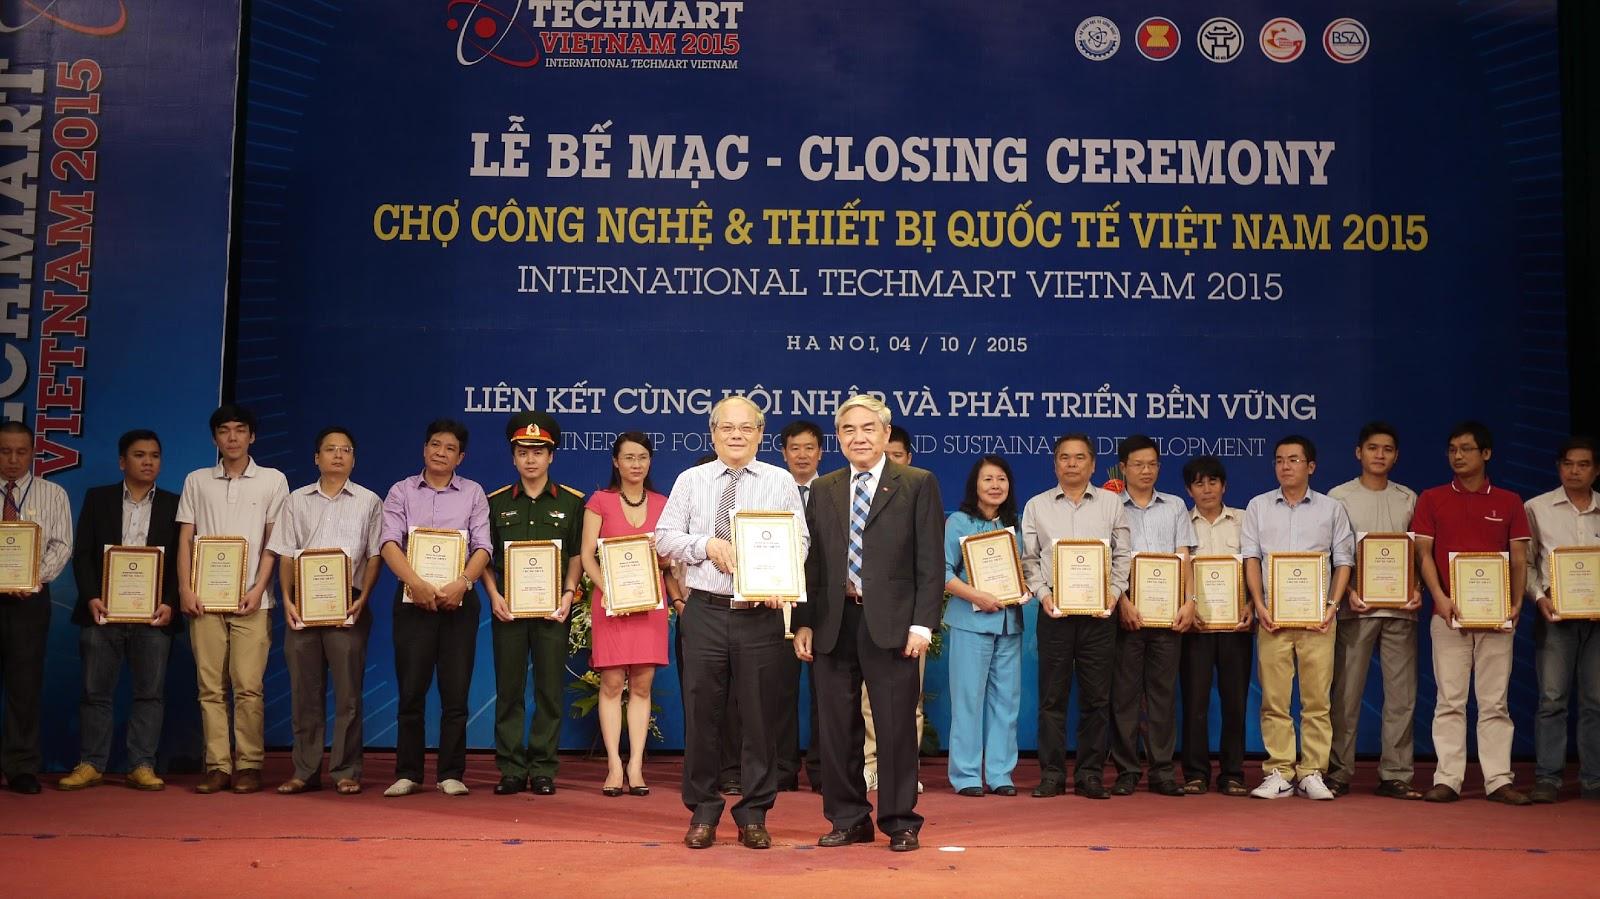 Techmart Quốc tế Việt Nam 2015